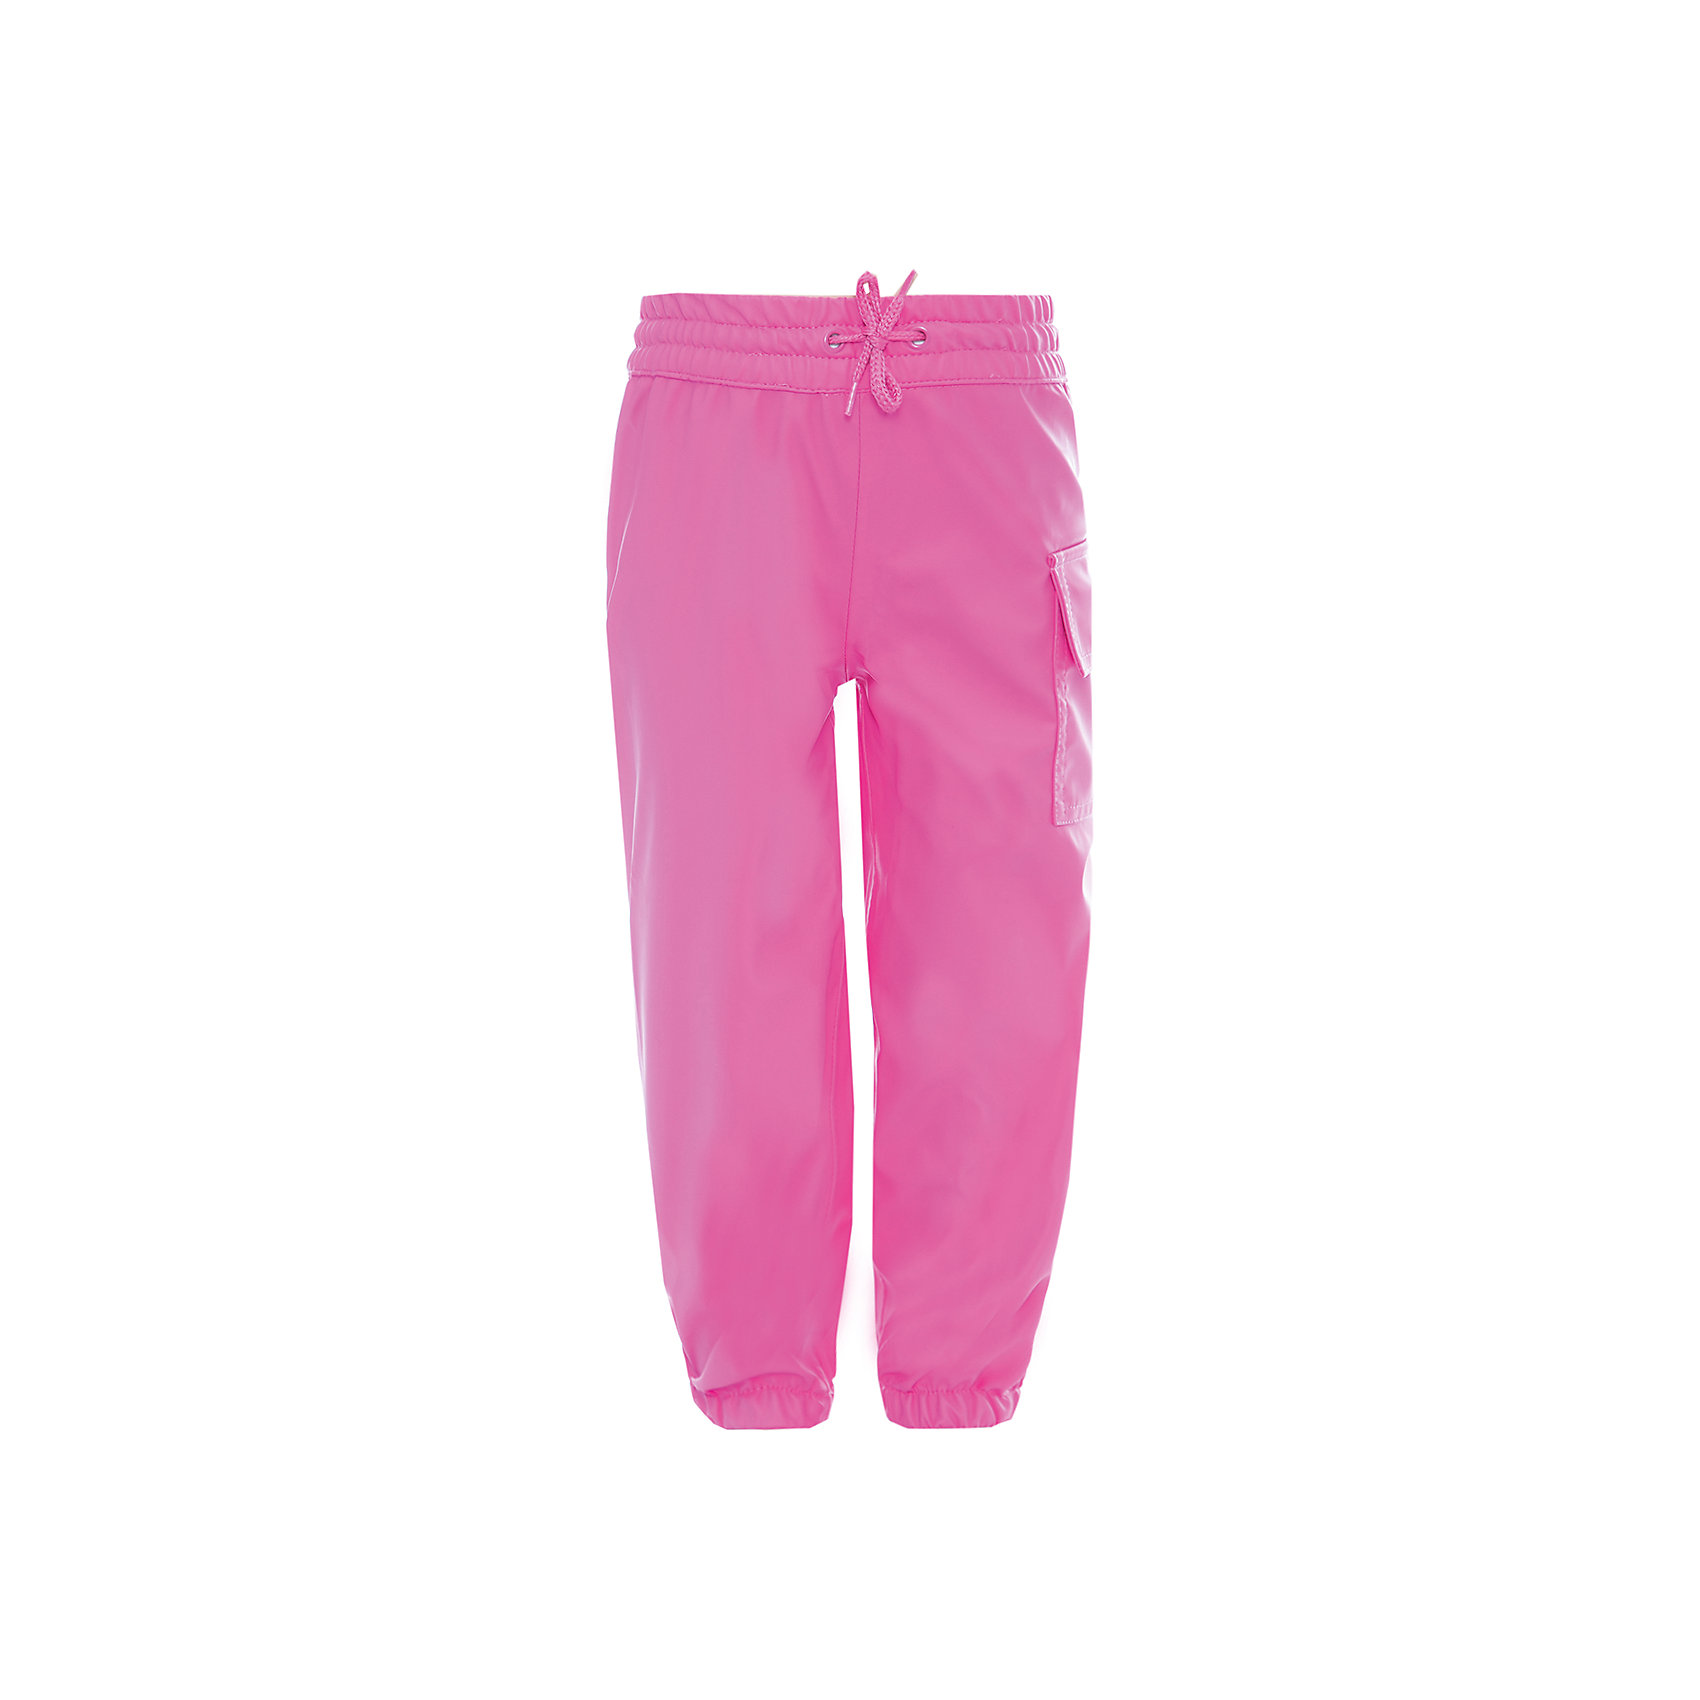 Брюки для девочки HatleyВерхняя одежда<br>Брюки для девочки Hatley<br><br>Характеристики: <br><br>• Состав: 100% полиуретан<br>• Цвет: розовый<br><br>Непромокаемые брюки из 100% полиуретана защитят ноги ребенка от любого, даже очень сильного дождя. Внизу брюки «стянуты», что позволяет носить их внутрь резиновых сапог. Резинка сверху и внизу очень мягкая, не травмирует кожу ребенка. Сверху дополнительно можно затянуть с помощью веревочки. Кроме этого на штанах есть большой карман.<br><br>Брюки для девочки Hatley можно купить в нашем интернет-магазине.<br><br>Ширина мм: 215<br>Глубина мм: 88<br>Высота мм: 191<br>Вес г: 336<br>Цвет: розовый<br>Возраст от месяцев: 18<br>Возраст до месяцев: 24<br>Пол: Женский<br>Возраст: Детский<br>Размер: 92<br>SKU: 5020748